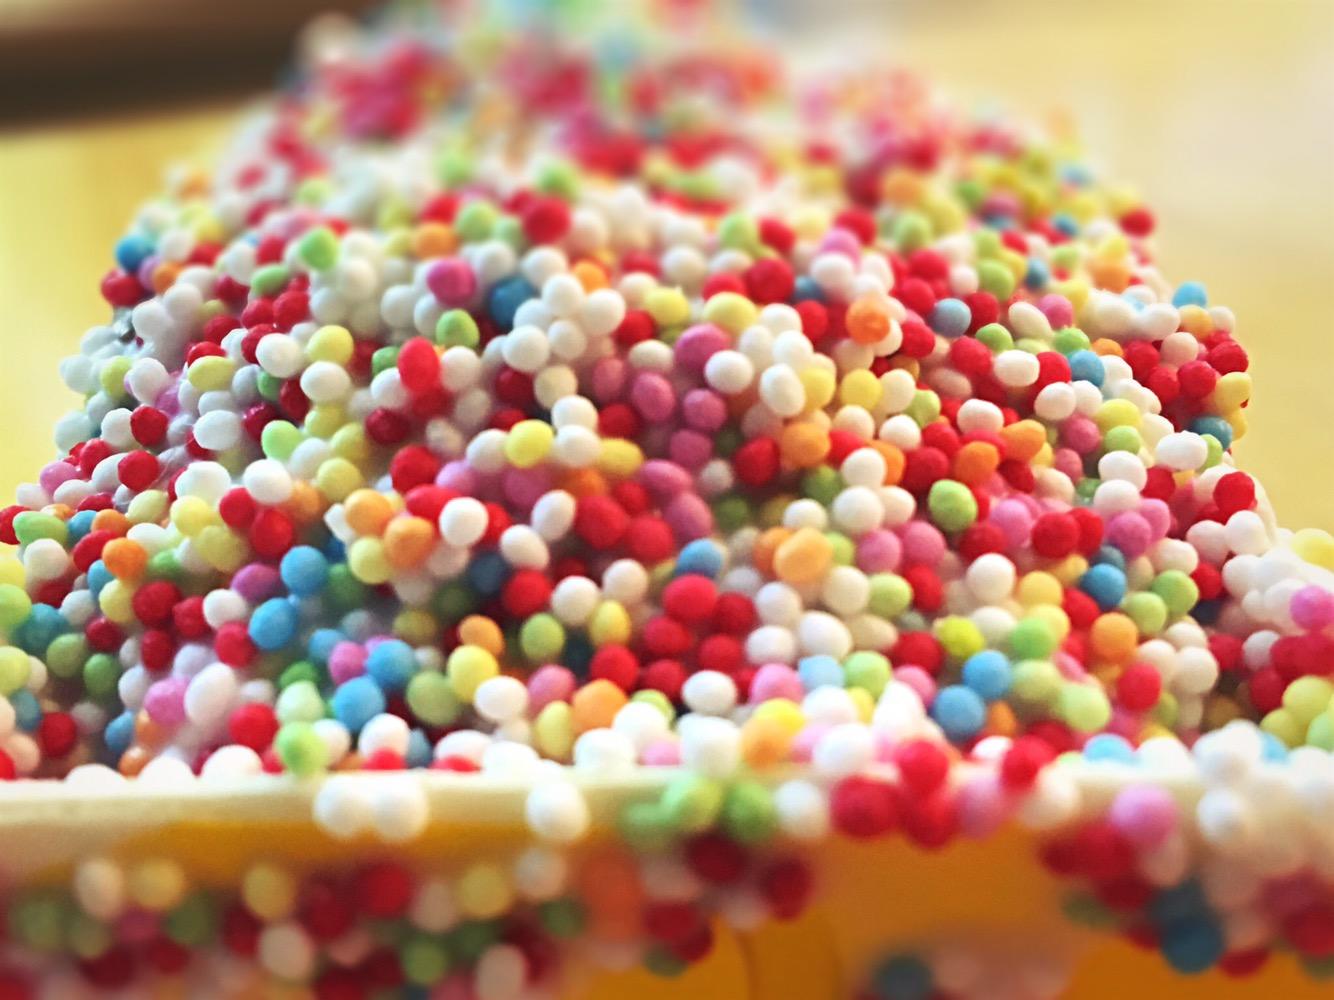 Bunte Zuckerperlen auf einem Kuchenstück